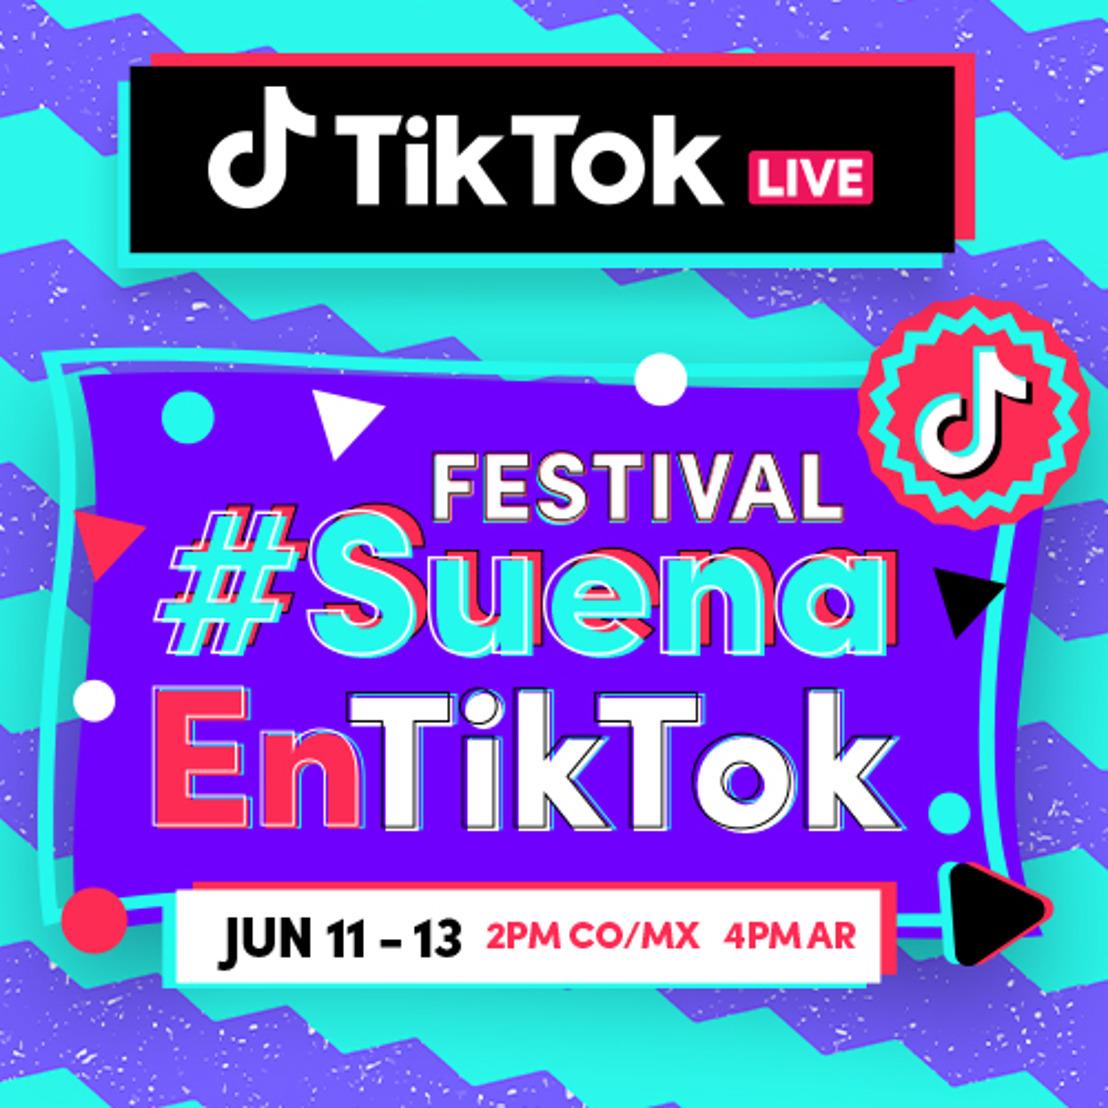 TikTok anuncia #SuenaEnTikTok, el festival musical latino más grande en la historia de la plataforma